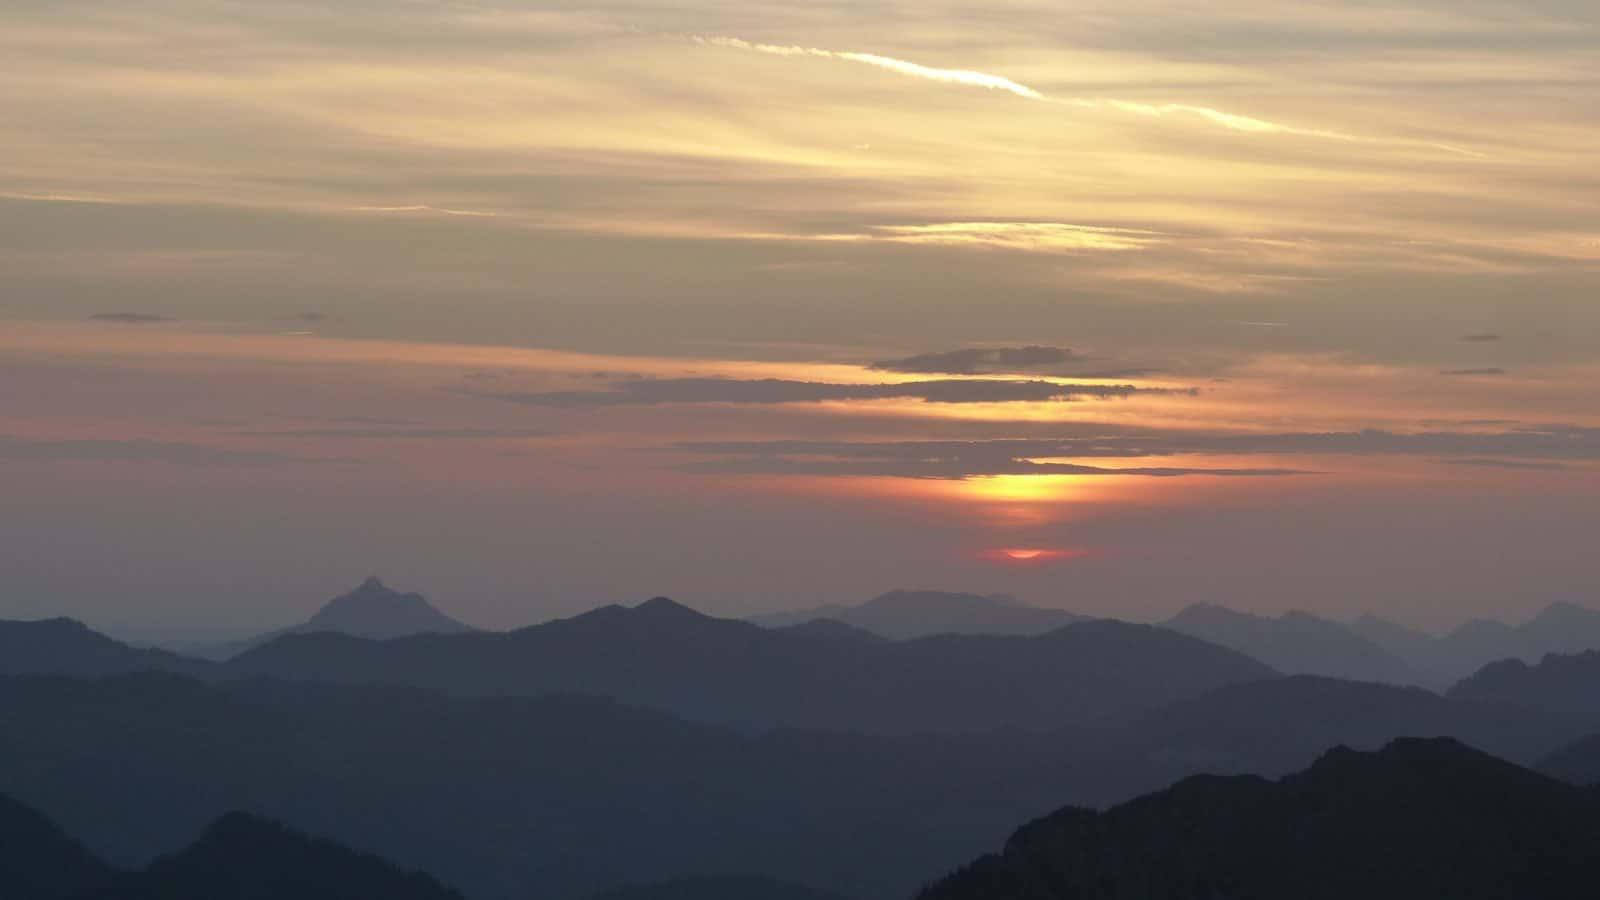 Sonnenaufgang auf der Kanisfluh - Wanderung im Bregenzerwald